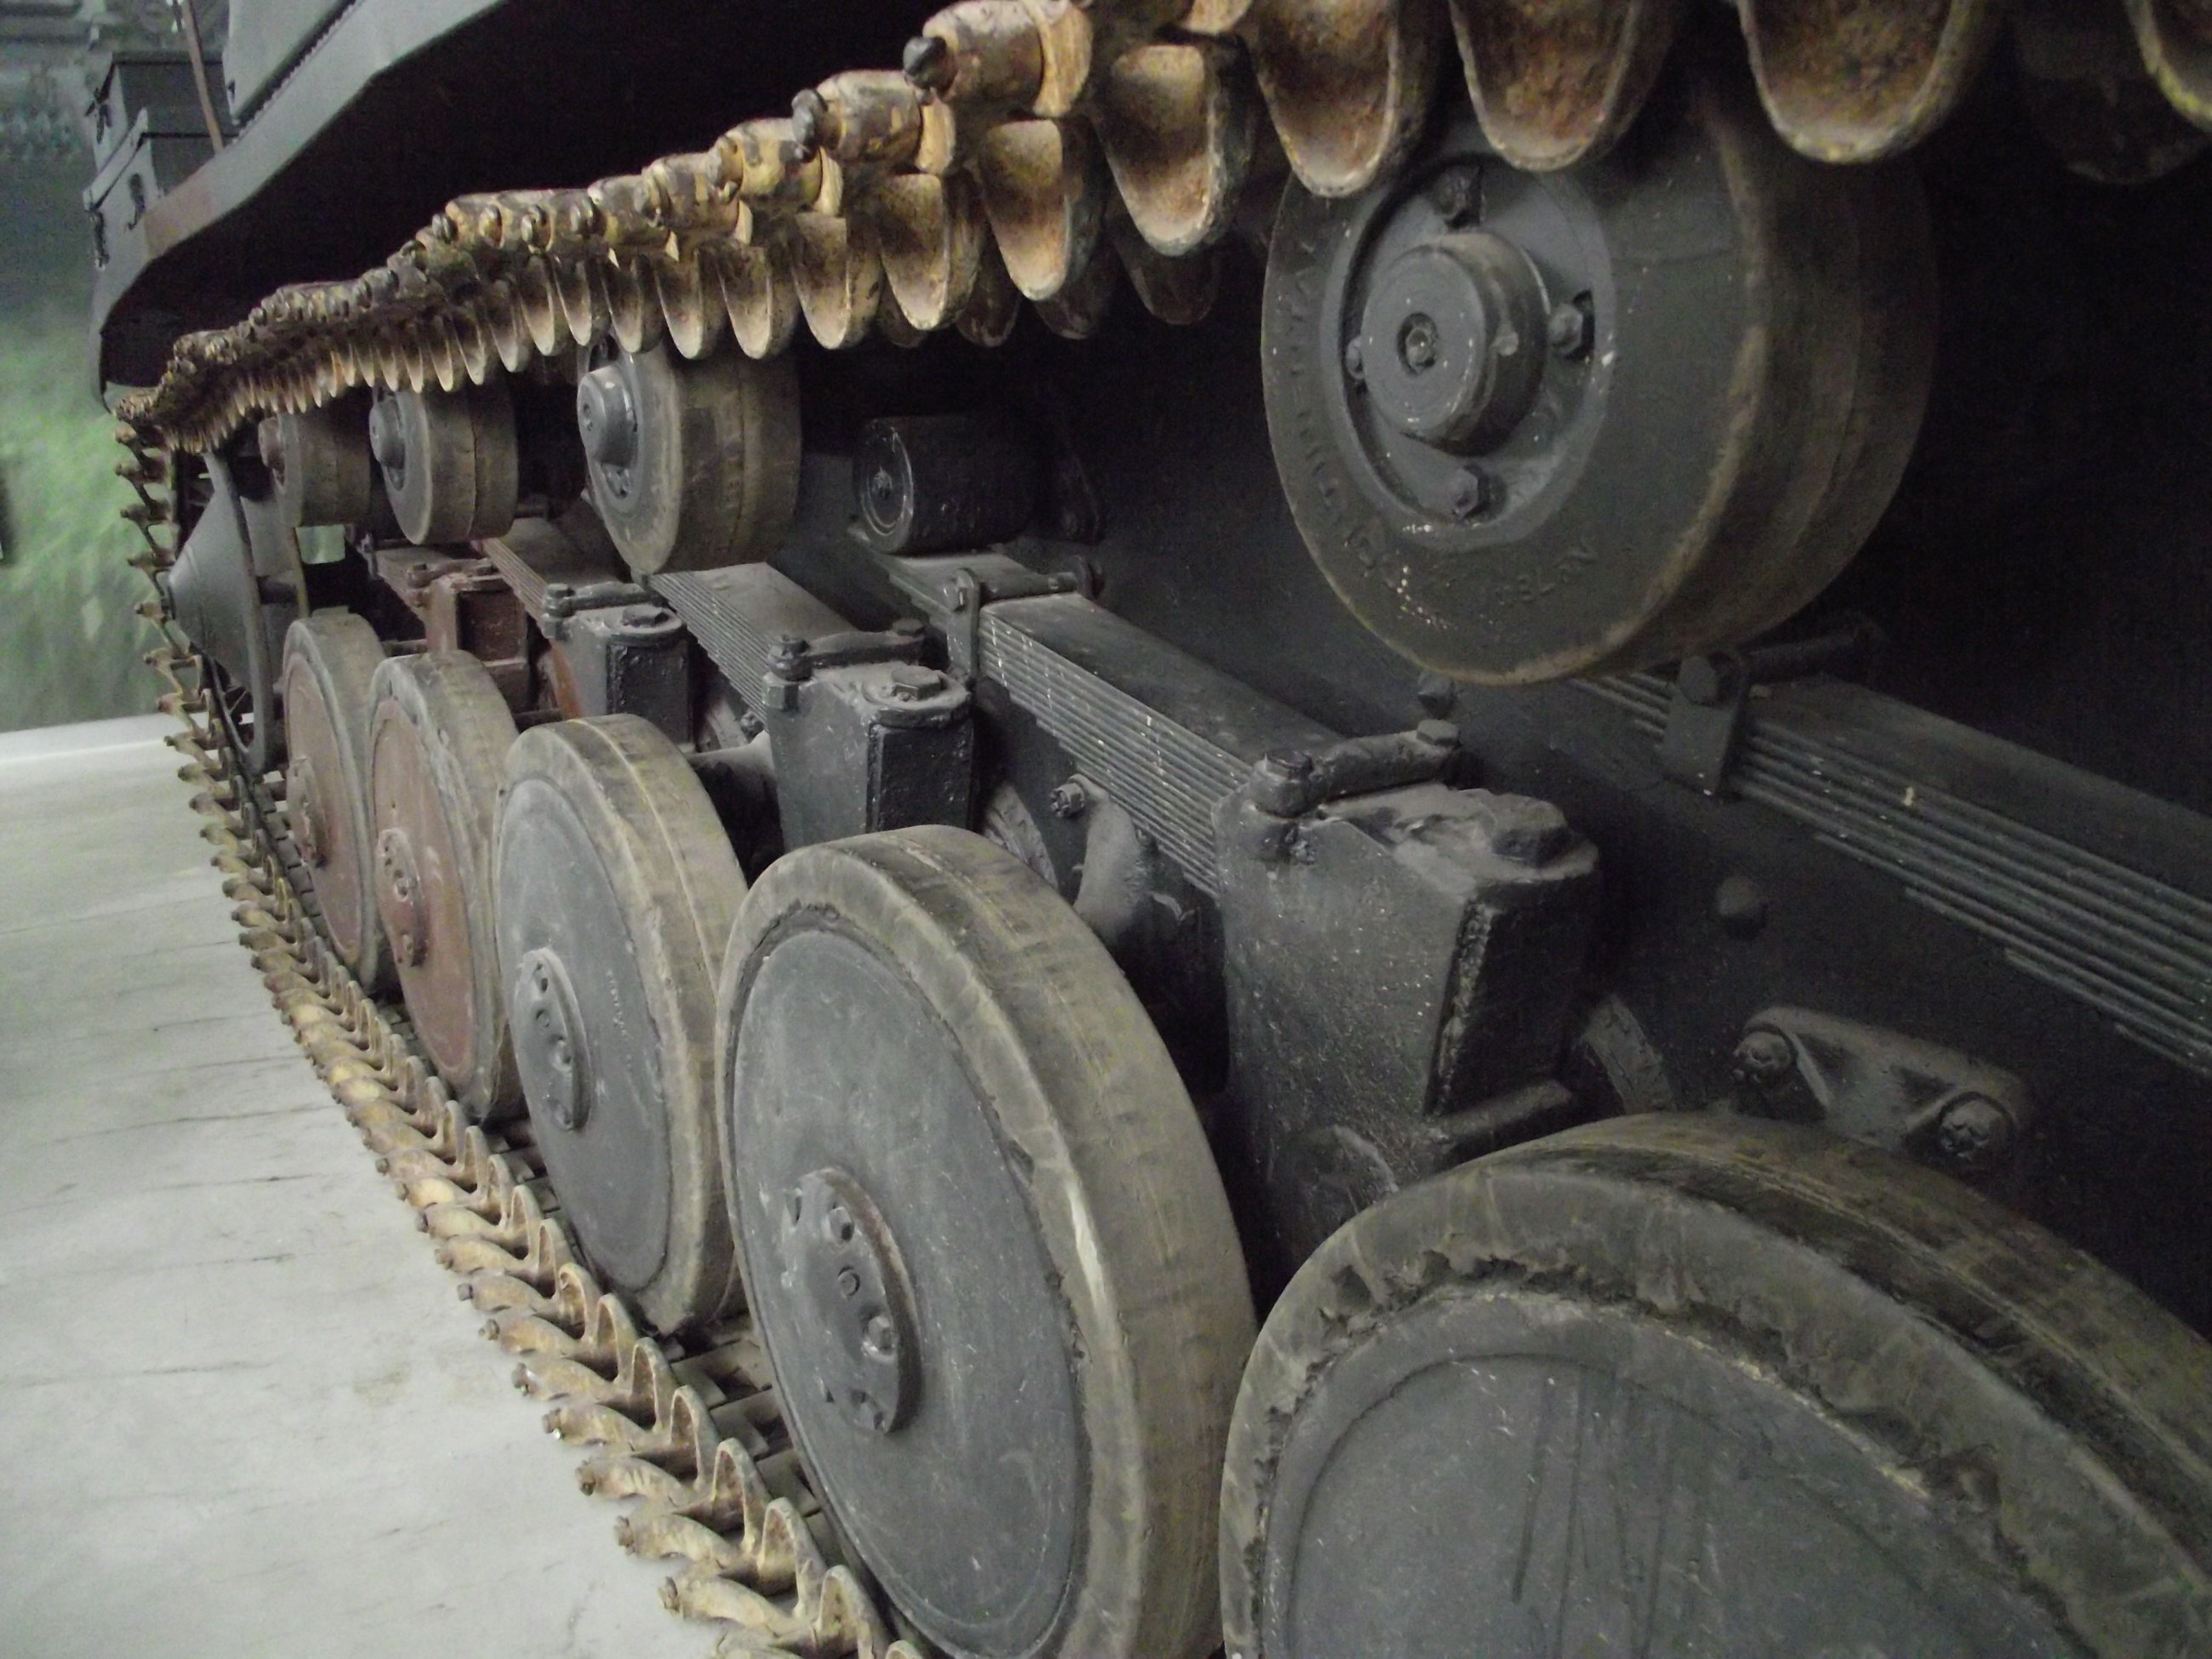 Tank_Museum_20180919_664.jpg